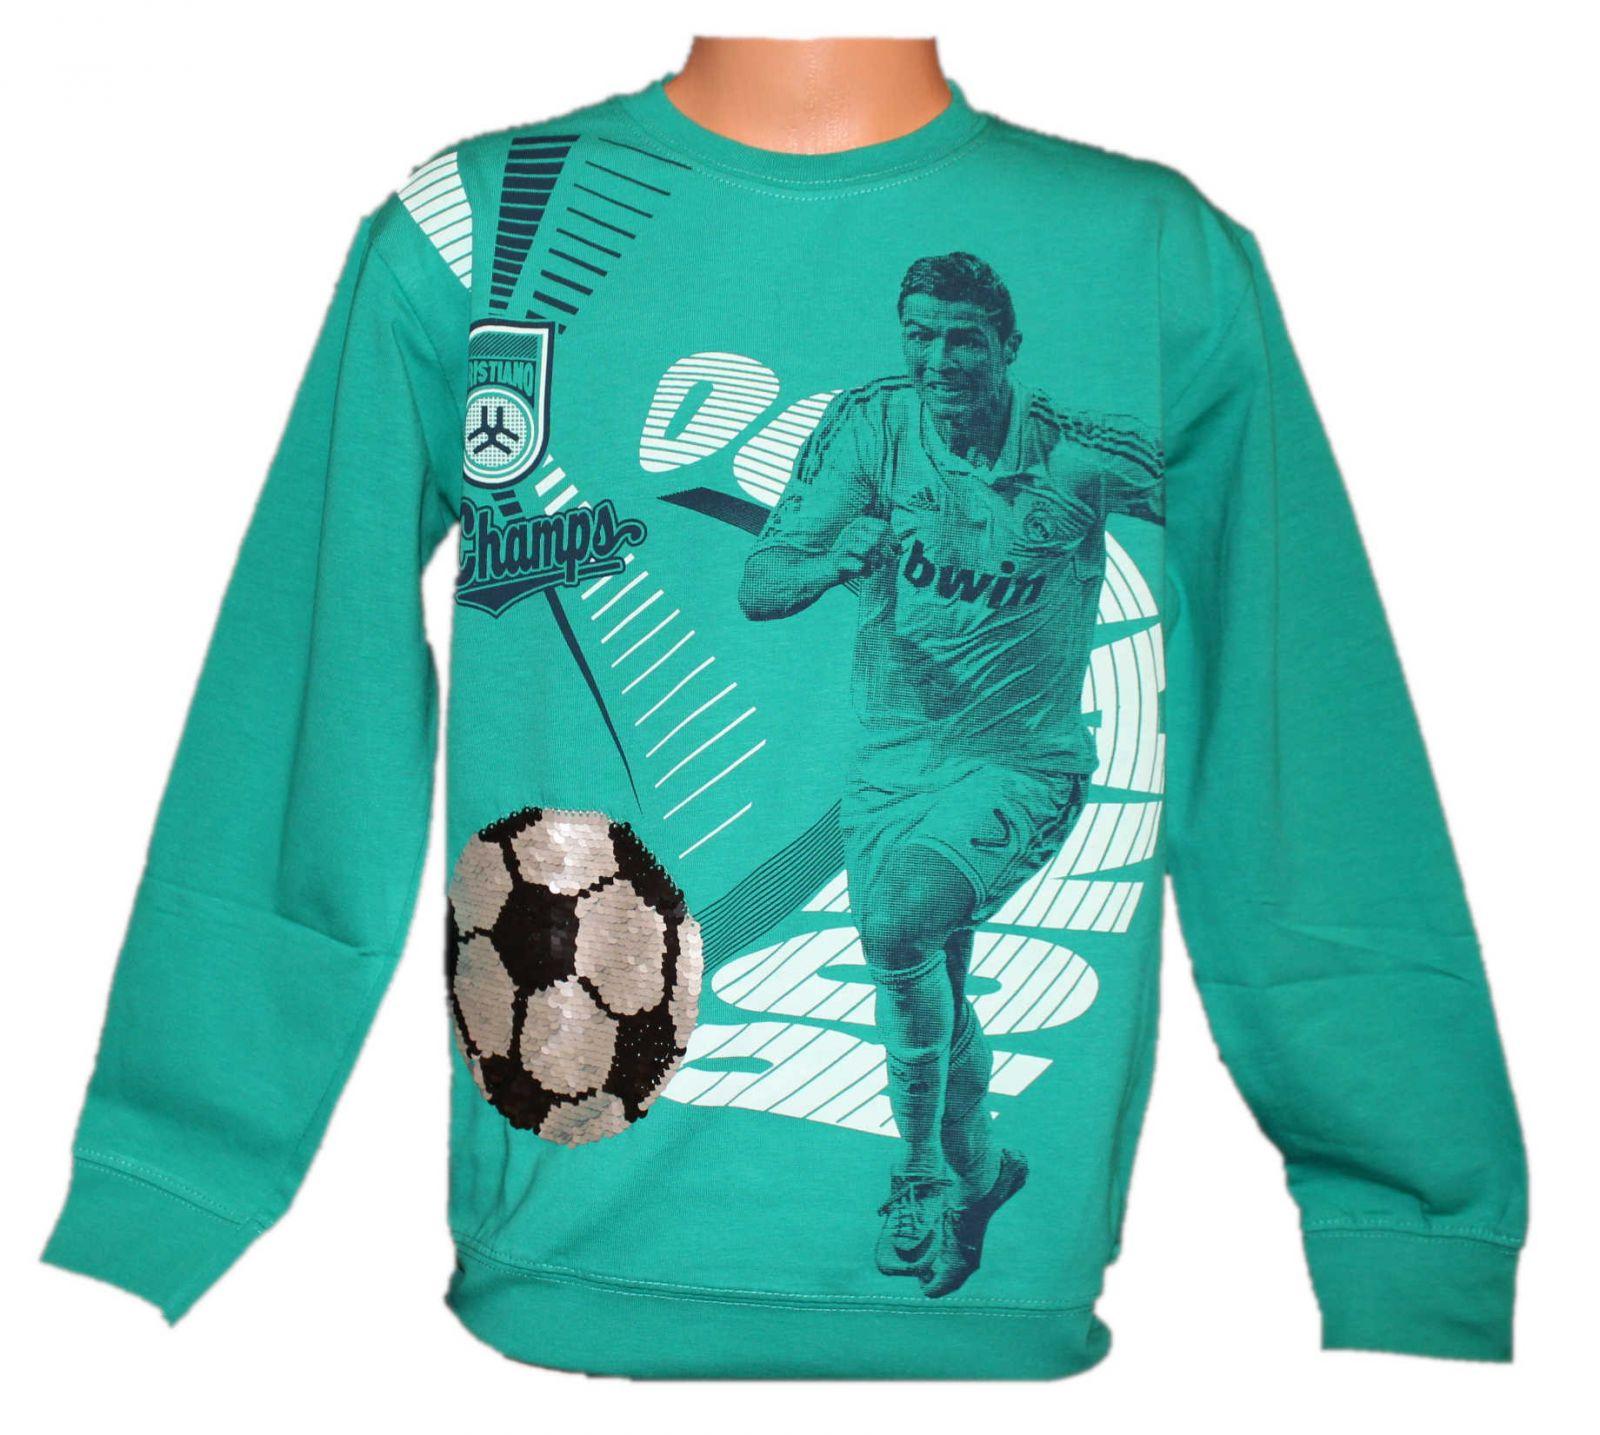 Chlapecké měnící tričko, měnící klučičí triko, přeměňovací tričko, Ronaldo Raceway